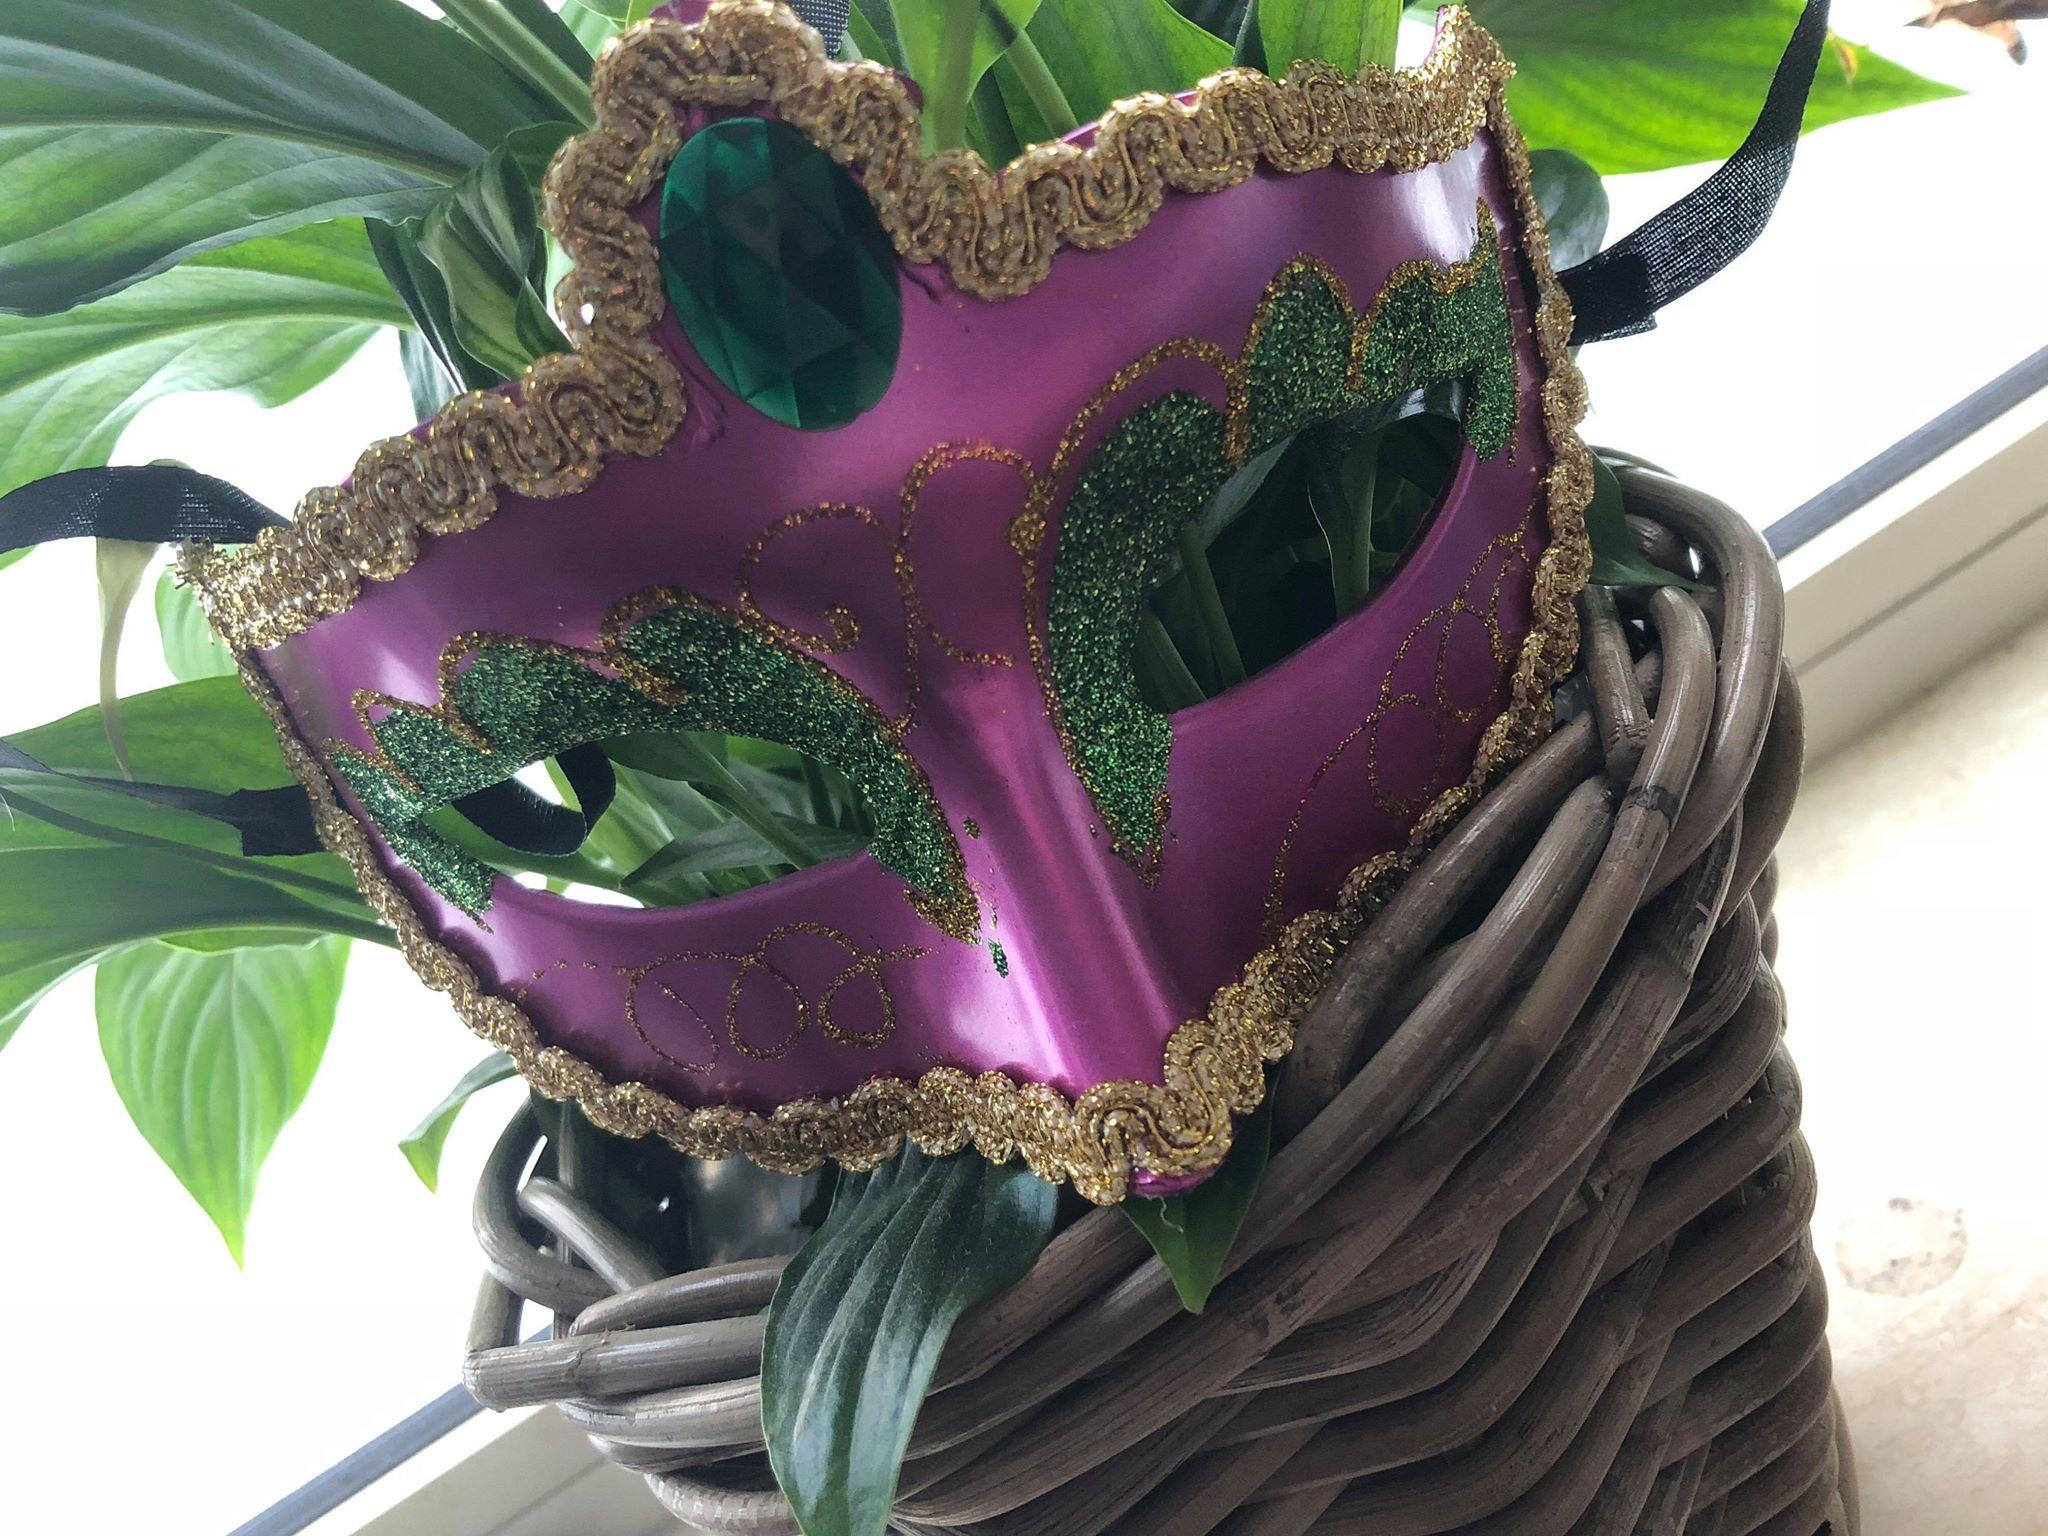 Carnavalsmasker in de plant